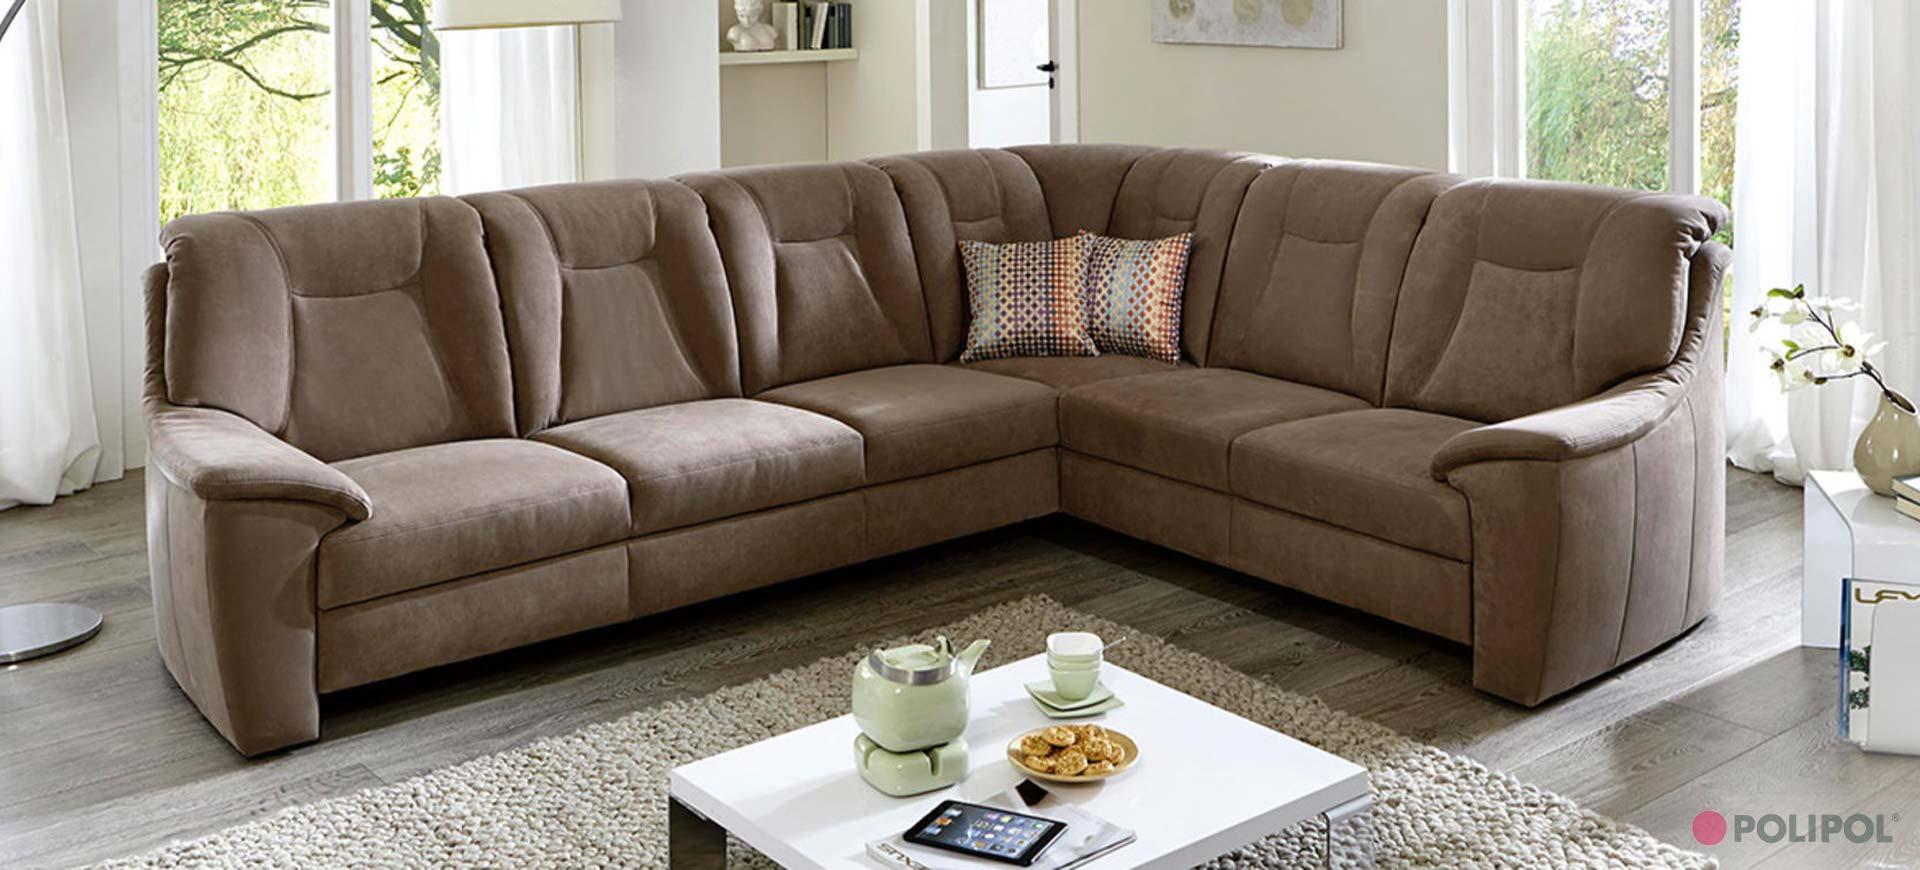 polipol sofas in rosenheim langenpfunzen in der region. Black Bedroom Furniture Sets. Home Design Ideas